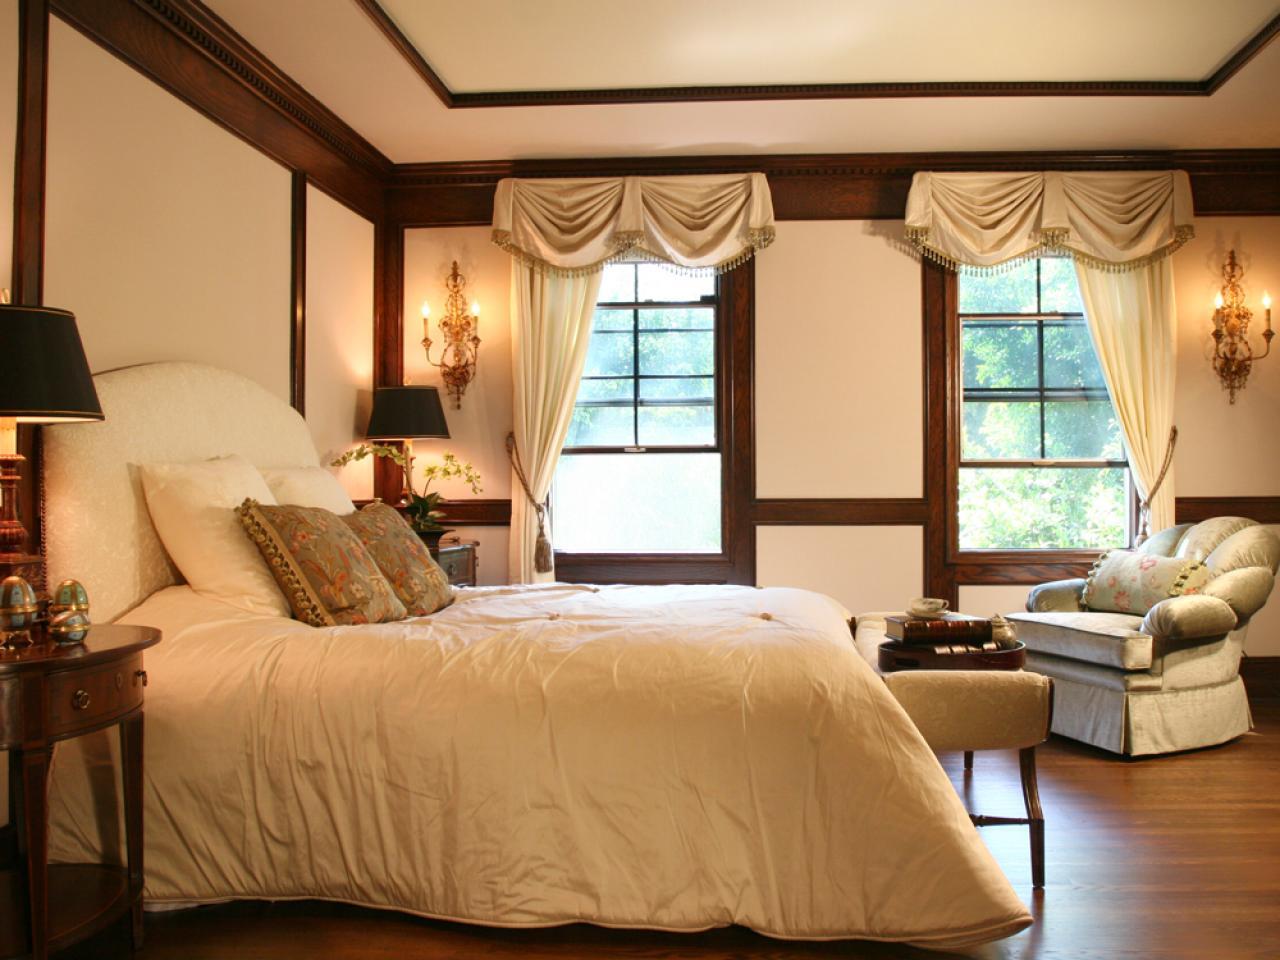 casa-stile-spagnolo-camera-letto